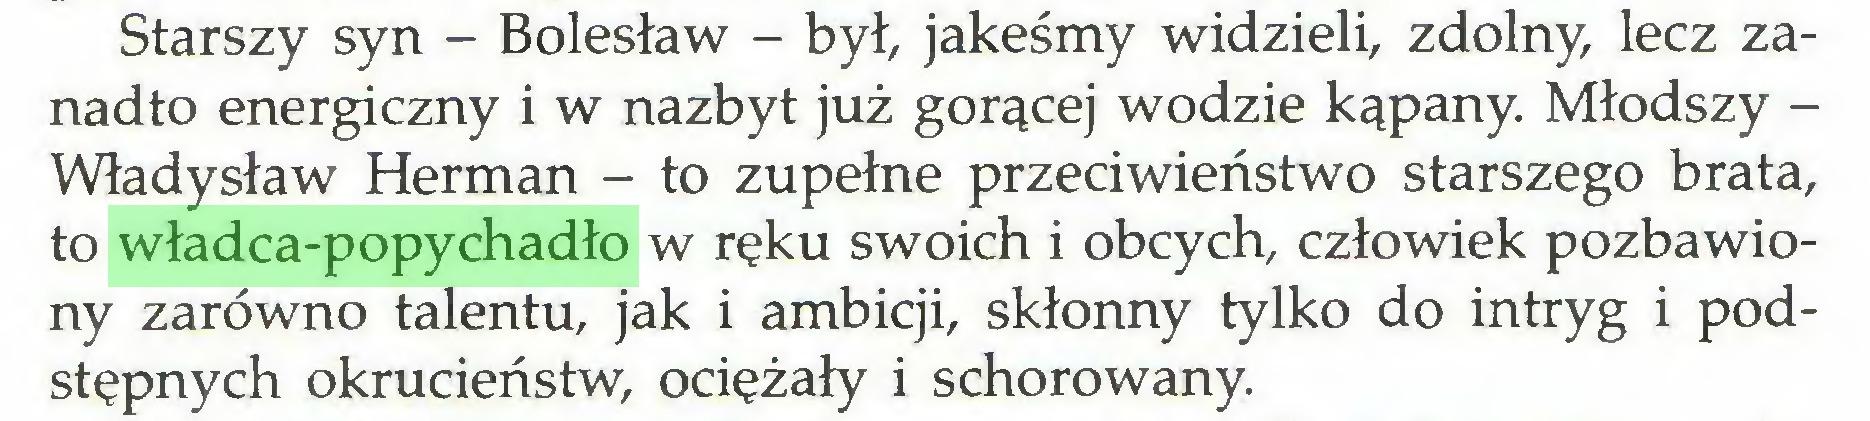 (...) Starszy syn - Bolesław - był, jakeśmy widzieli, zdolny, lecz zanadto energiczny i w nazbyt już gorącej wodzie kąpany. Młodszy Władysław Herman - to zupełne przeciwieństwo starszego brata, to władca-popychadło w ręku swoich i obcych, człowiek pozbawiony zarówno talentu, jak i ambicji, skłonny tylko do intryg i podstępnych okrucieństw, ociężały i schorowany...